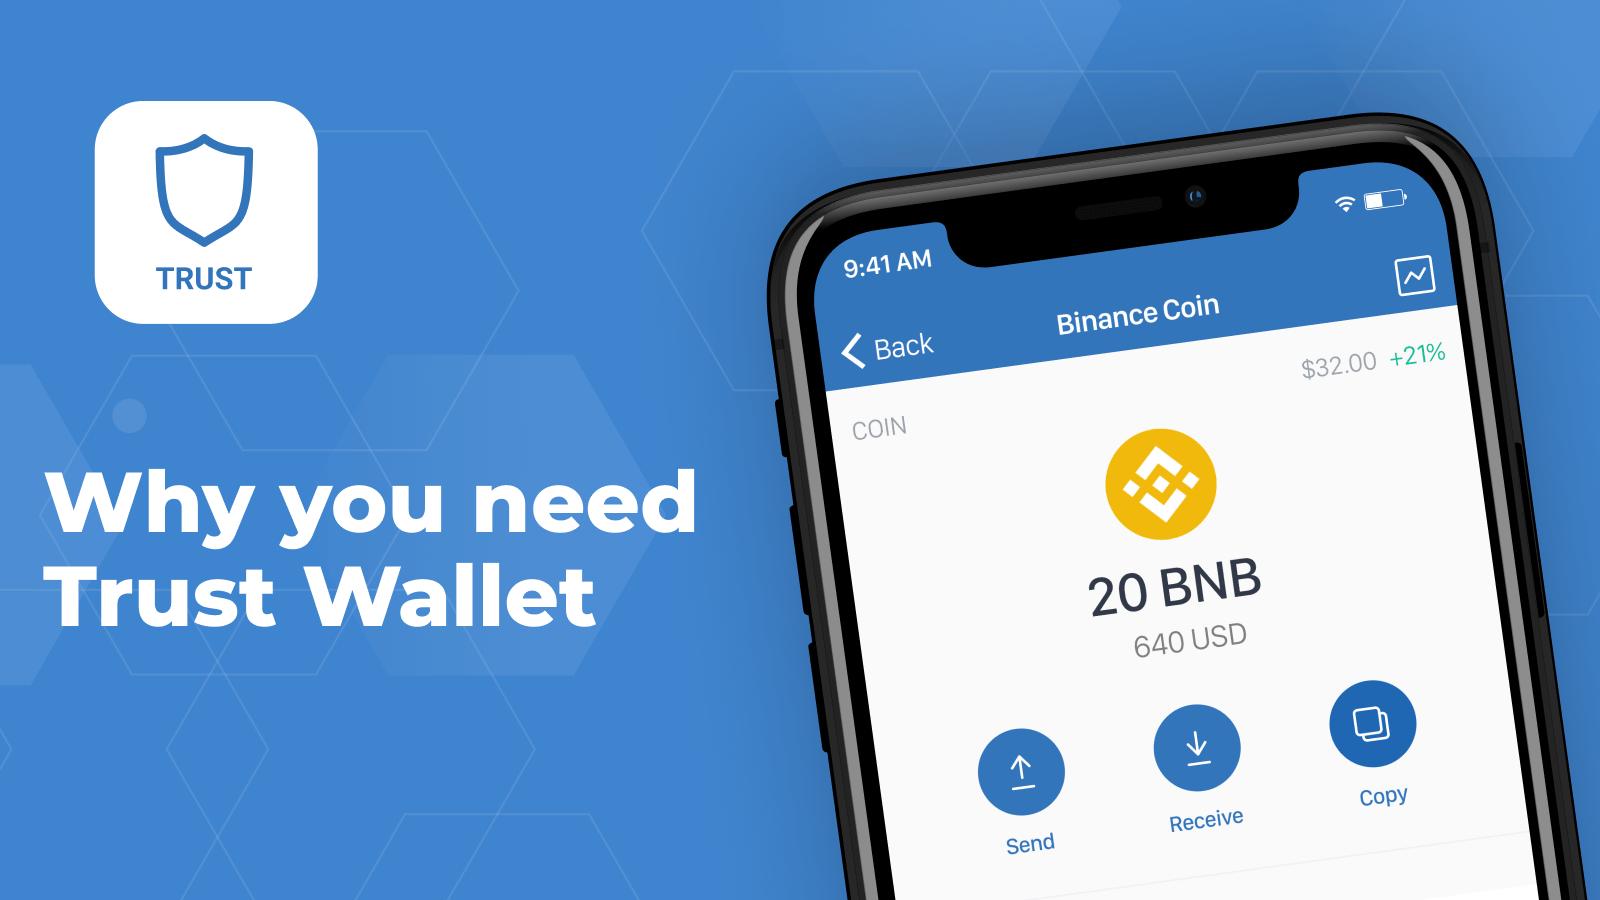 Trust Wallet Kullanmanız İçin On Neden